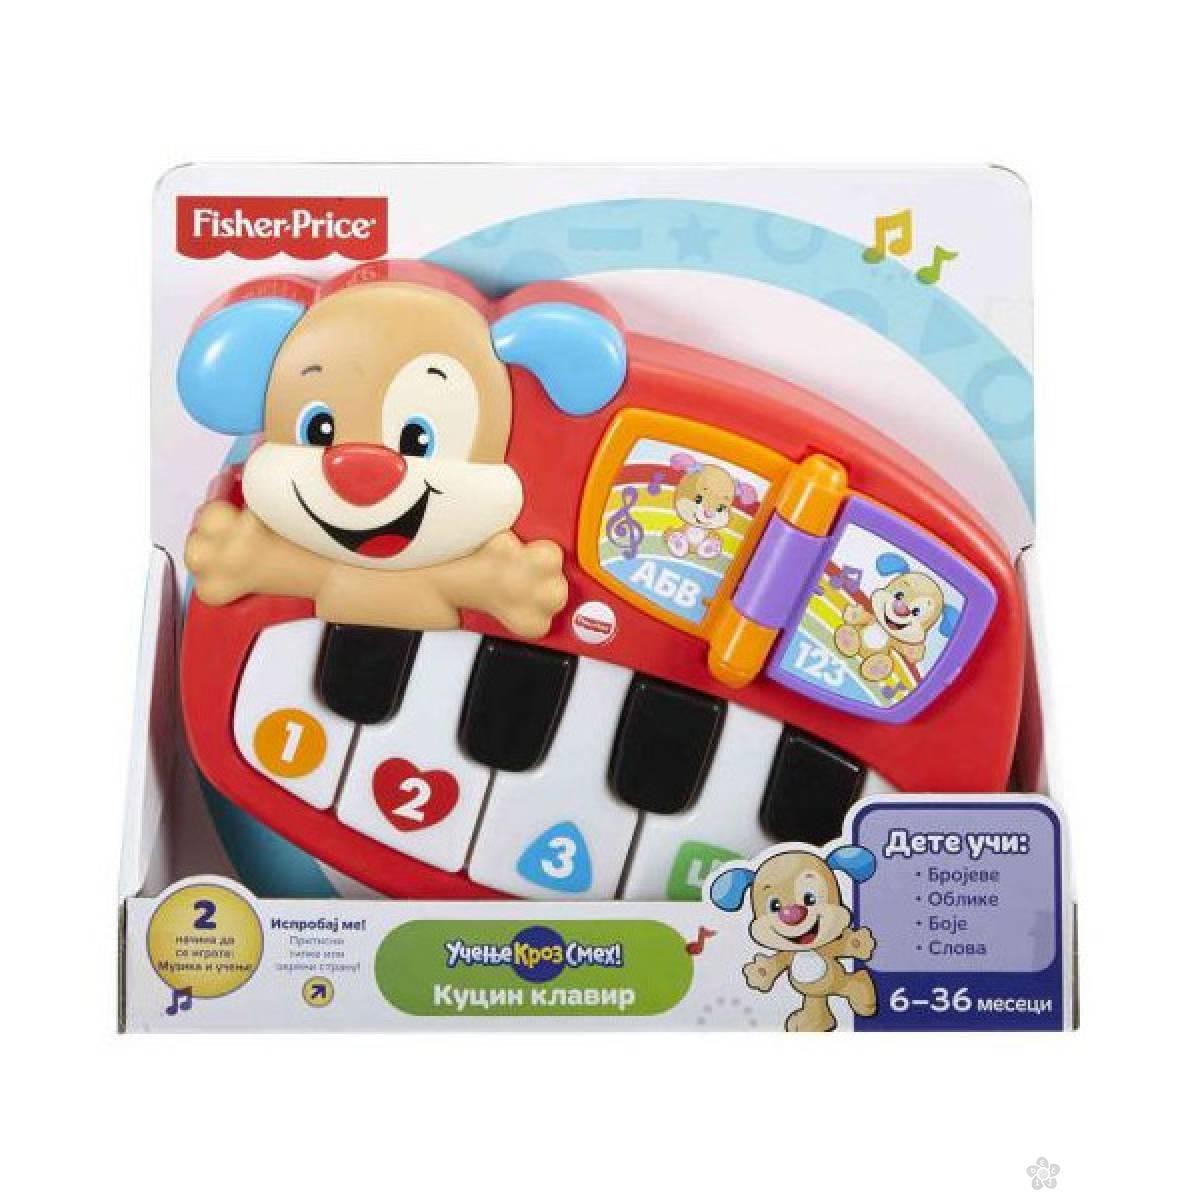 Fisher Price klavir sveznalica MADLM04